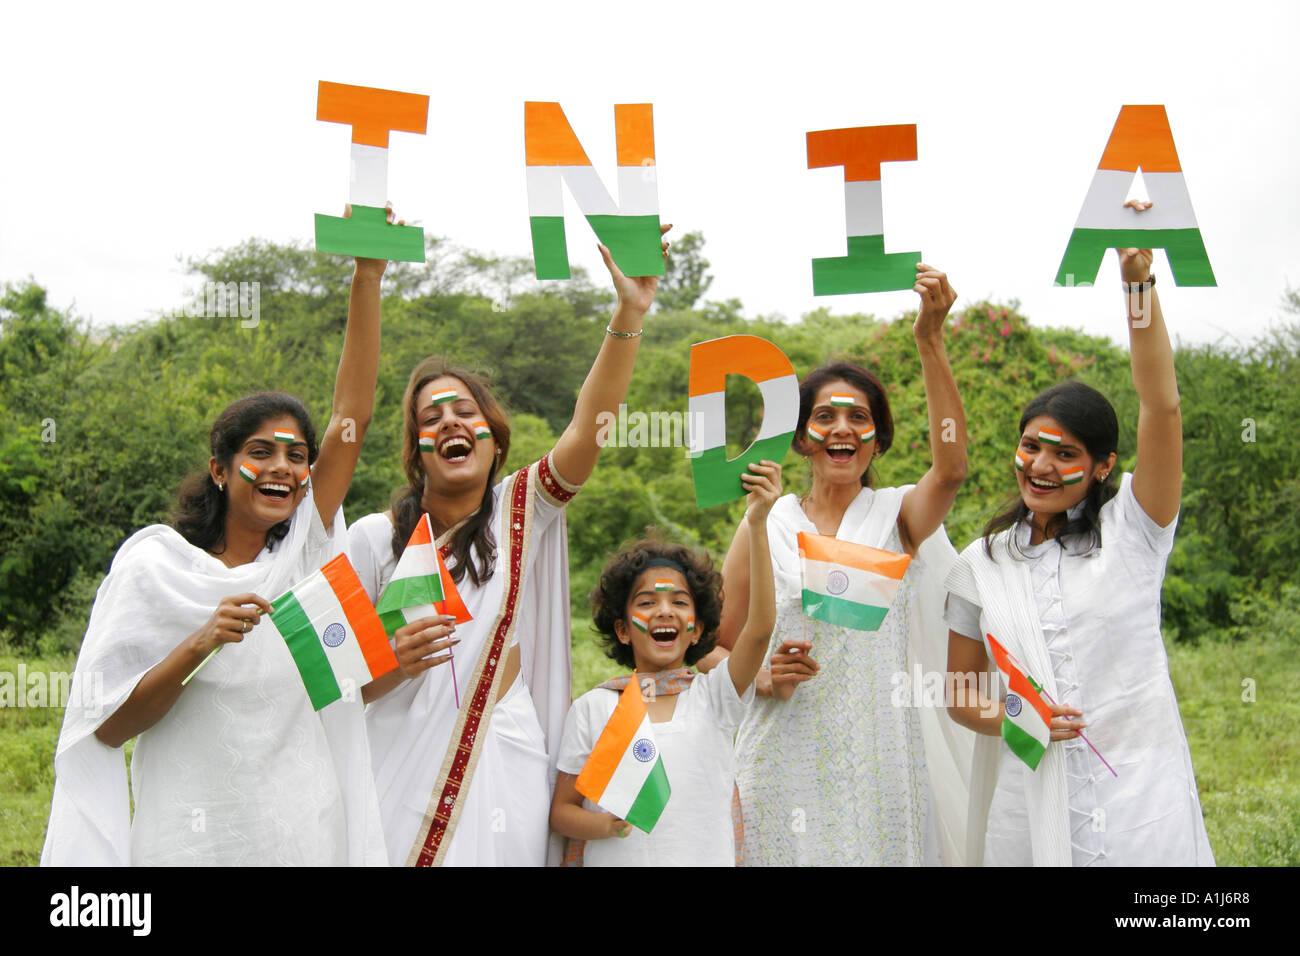 Ssk Celebrations Celebrating Indian Independence Day